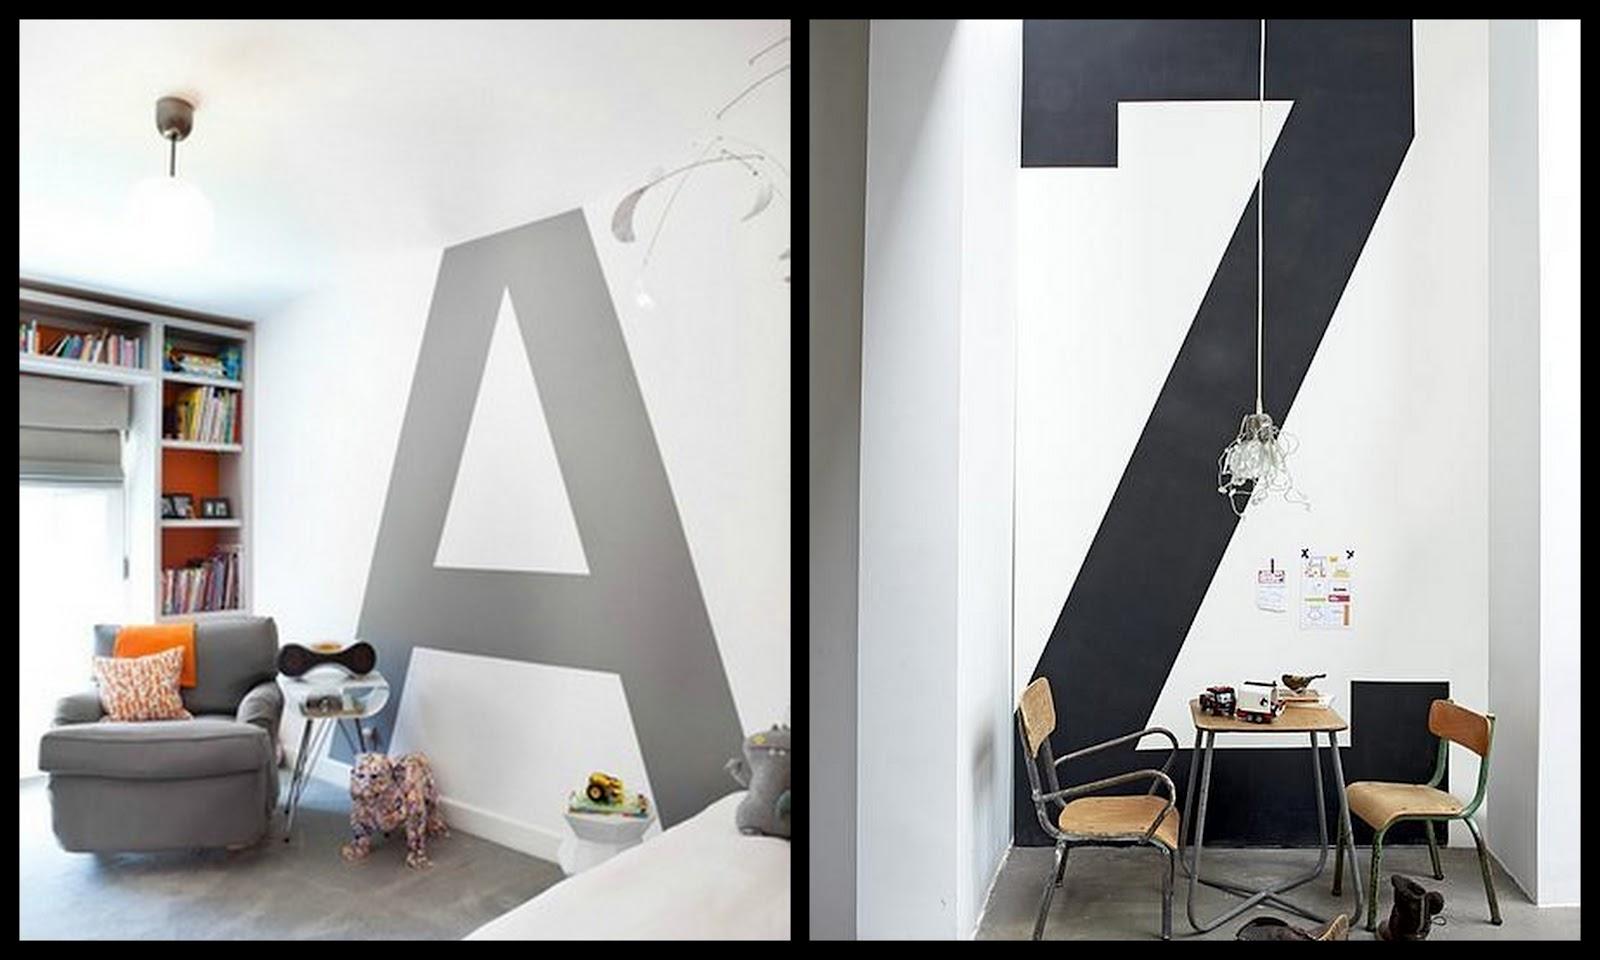 Letterkundig: decoratieve letters: in het interieur